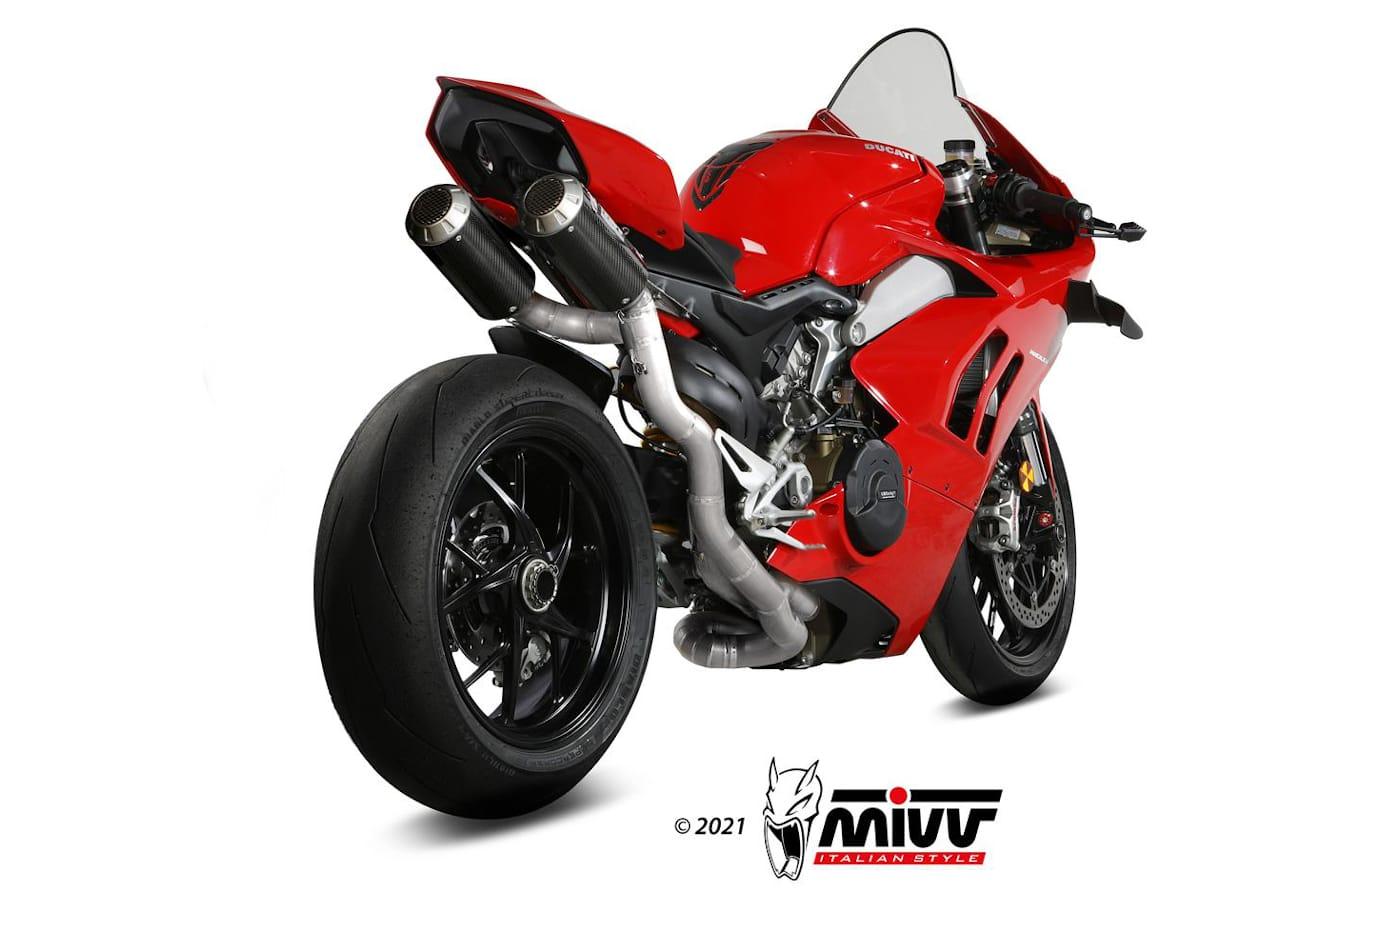 Mivv Evo per Ducati Panigale V4